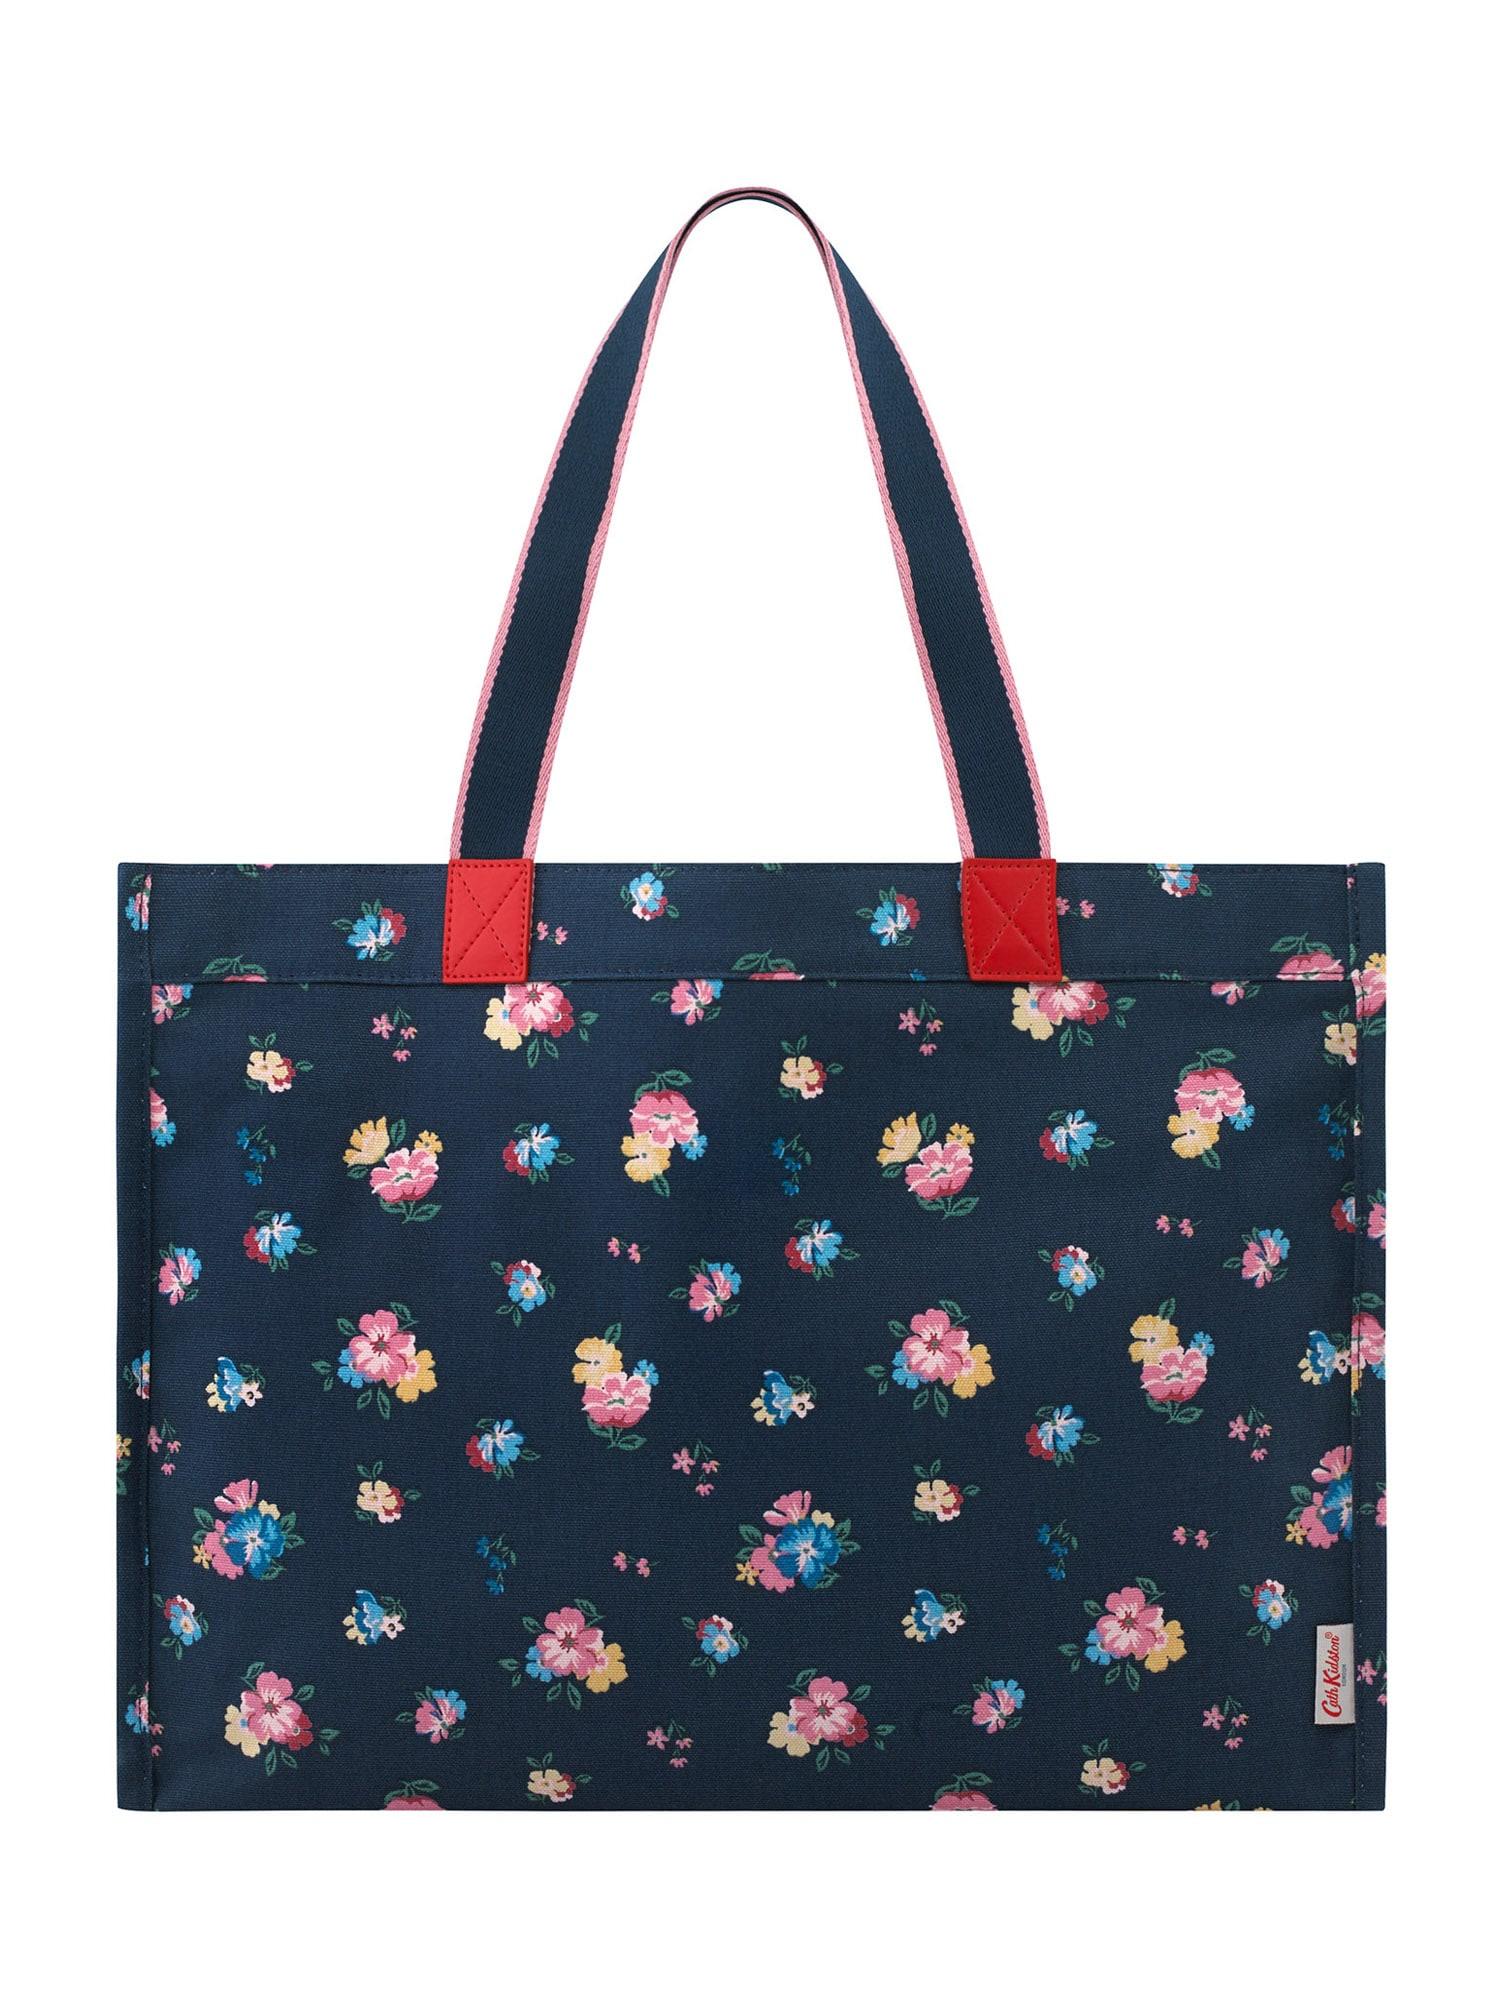 Cath Kidston Pirkinių krepšys tamsiai mėlyna / mišrios spalvos